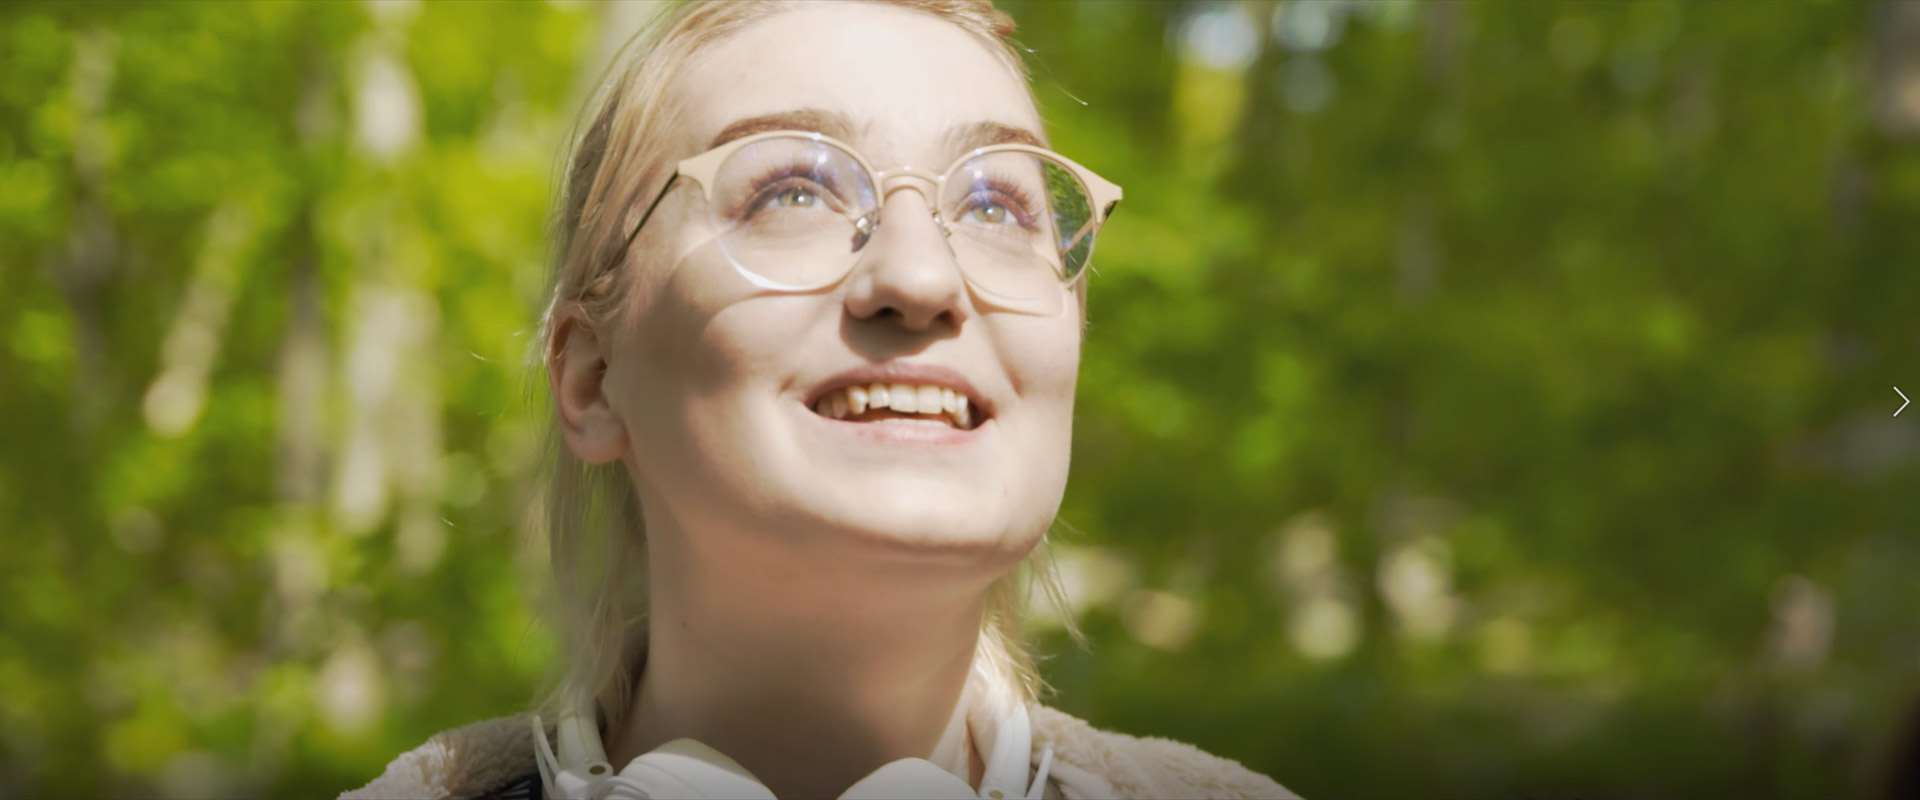 Elevassistentutbildning - Valjeviken Folkhögskola